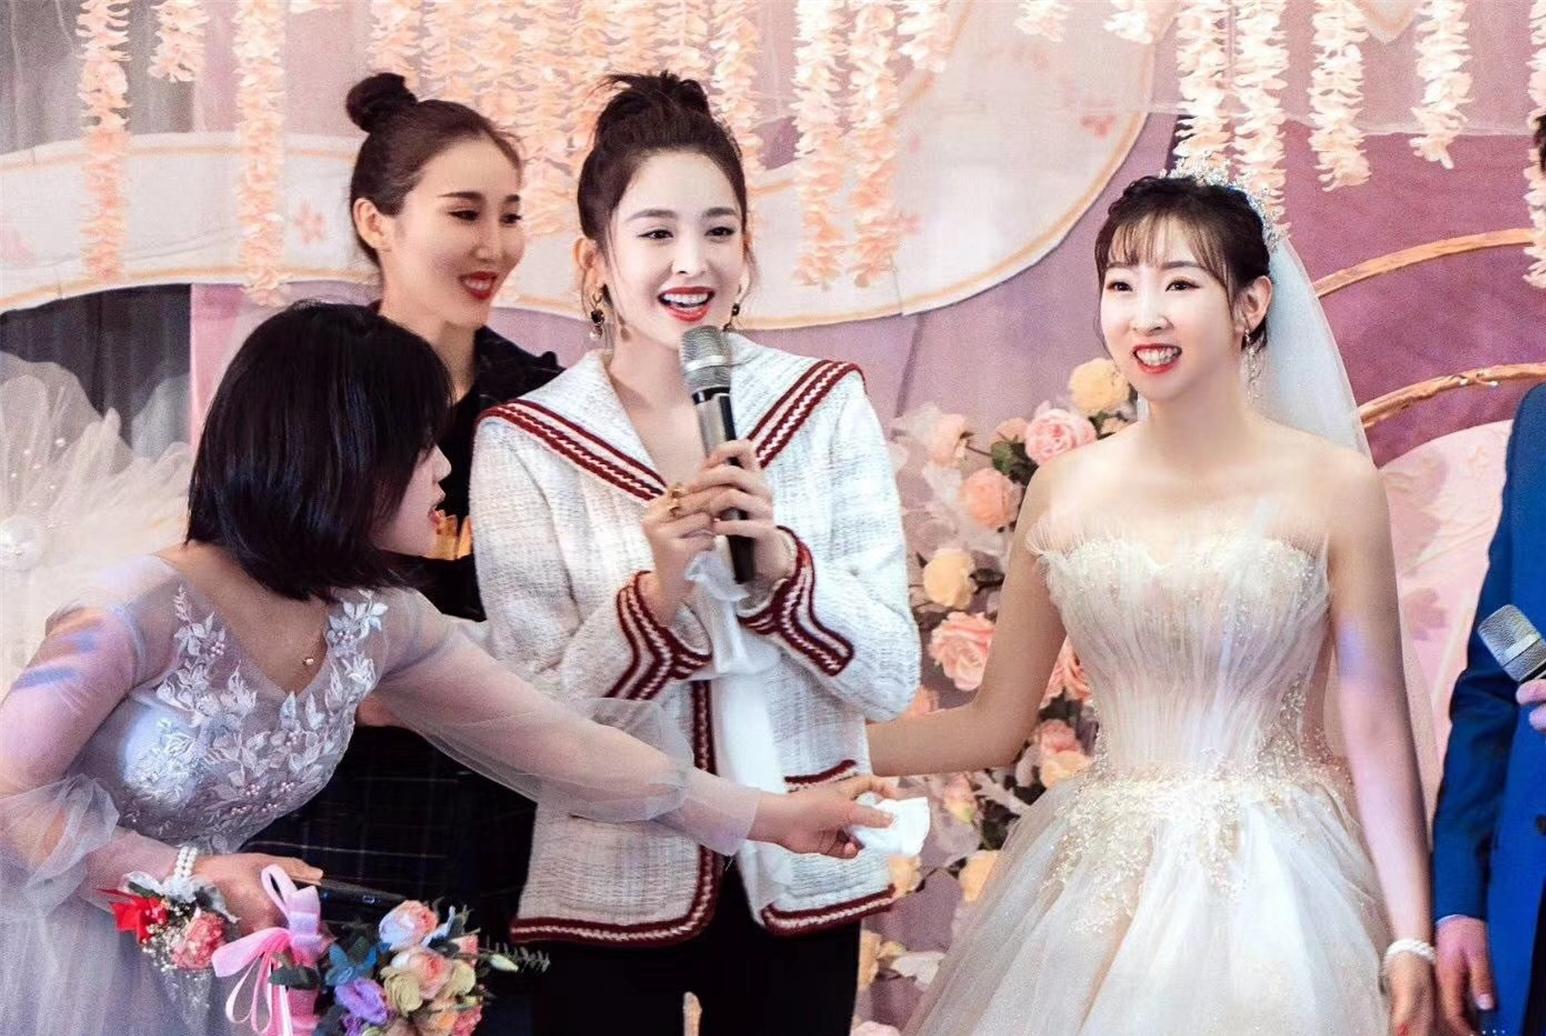 古力娜扎参加15年闺蜜婚礼,表演舞蹈活跃气氛,还接到了新娘捧花